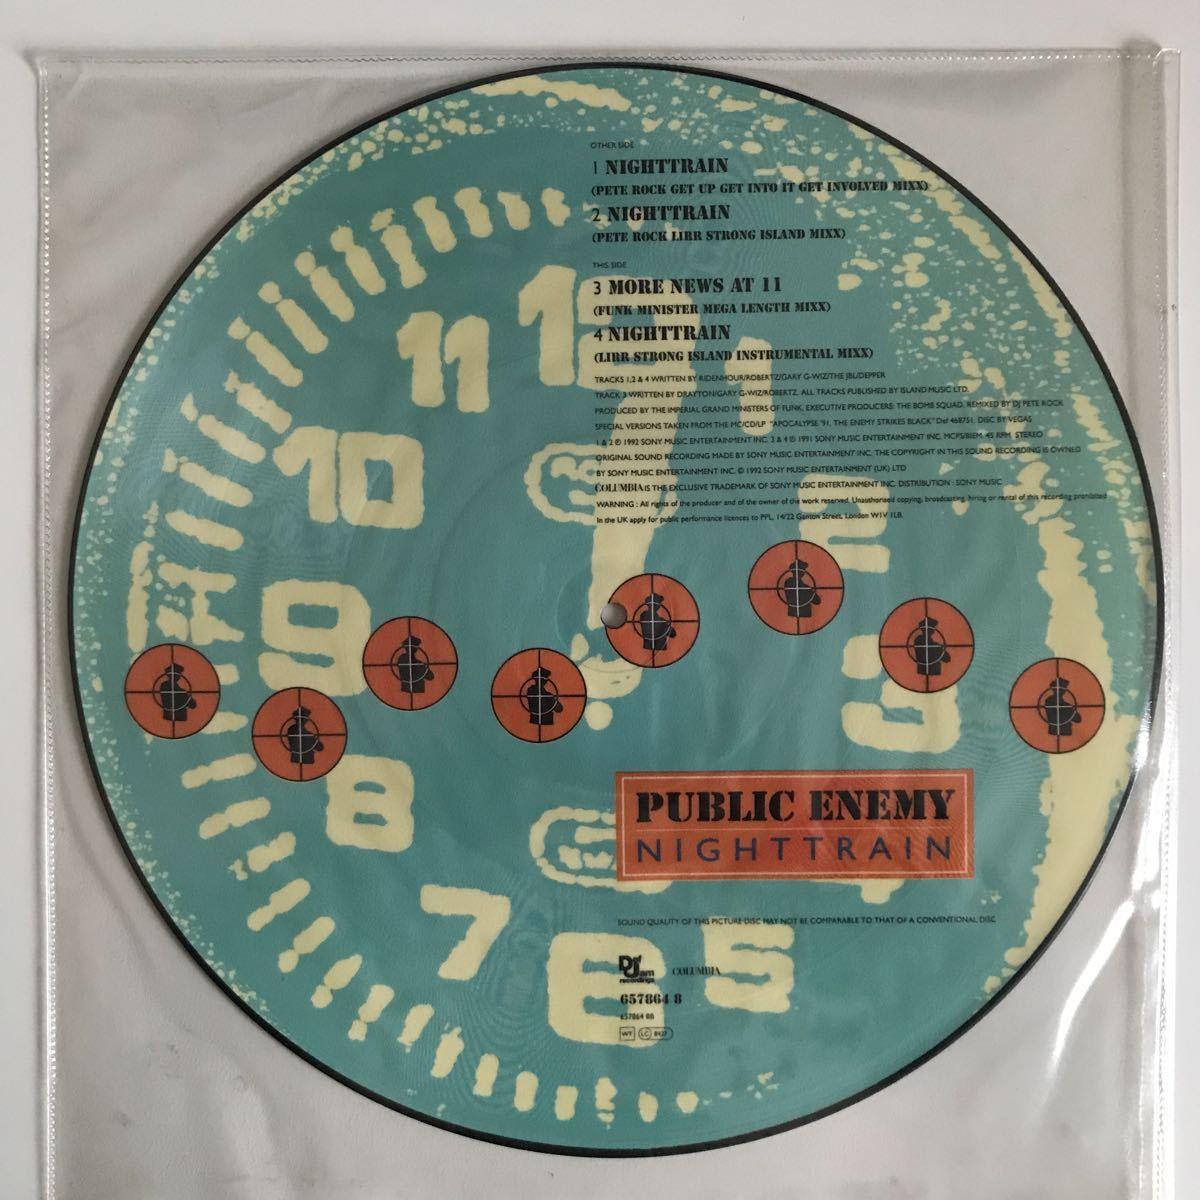 Public Enemy - Nighttrain【UK Orig.】【オリジナル】【Pete Rock】【限定ピクチャー盤】【James Brown/Blood, Sweat & Tearsネタ】_画像2